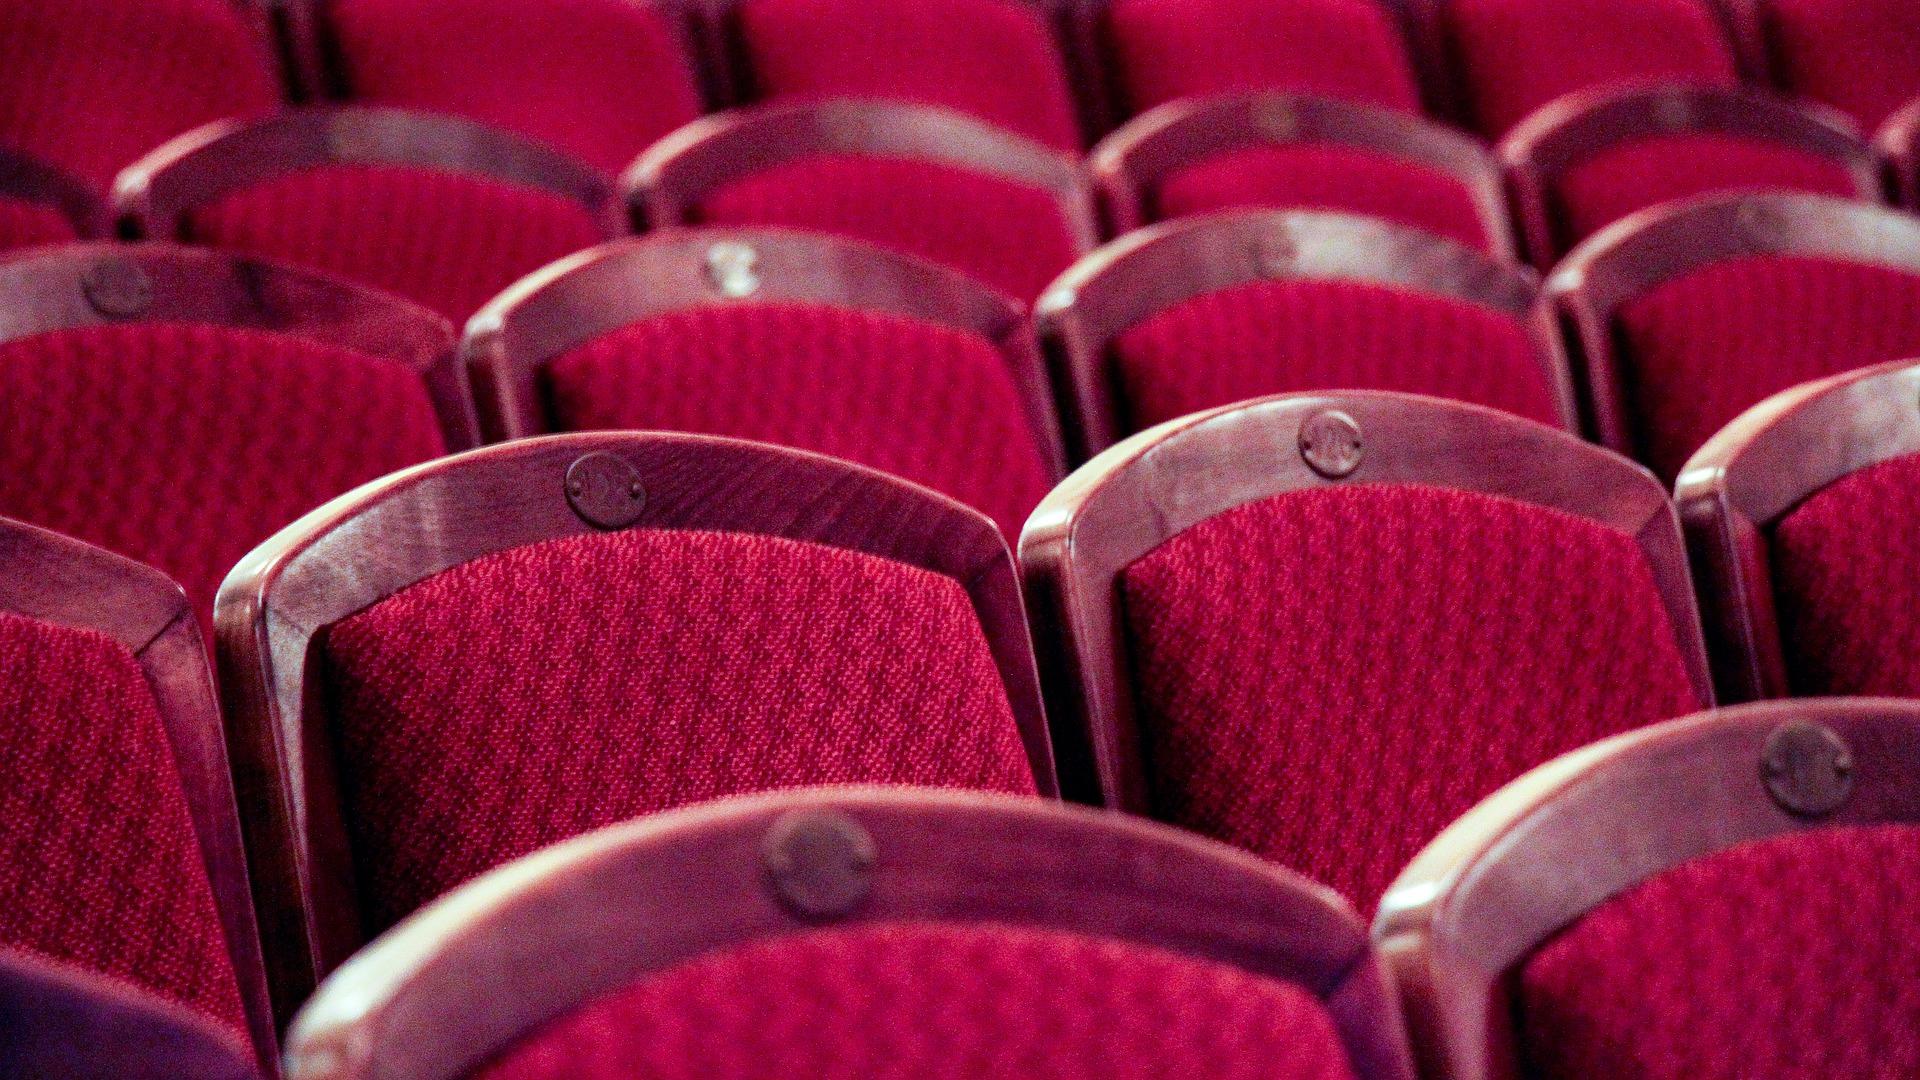 映画館の見やすい席はどこだった?【詳細】